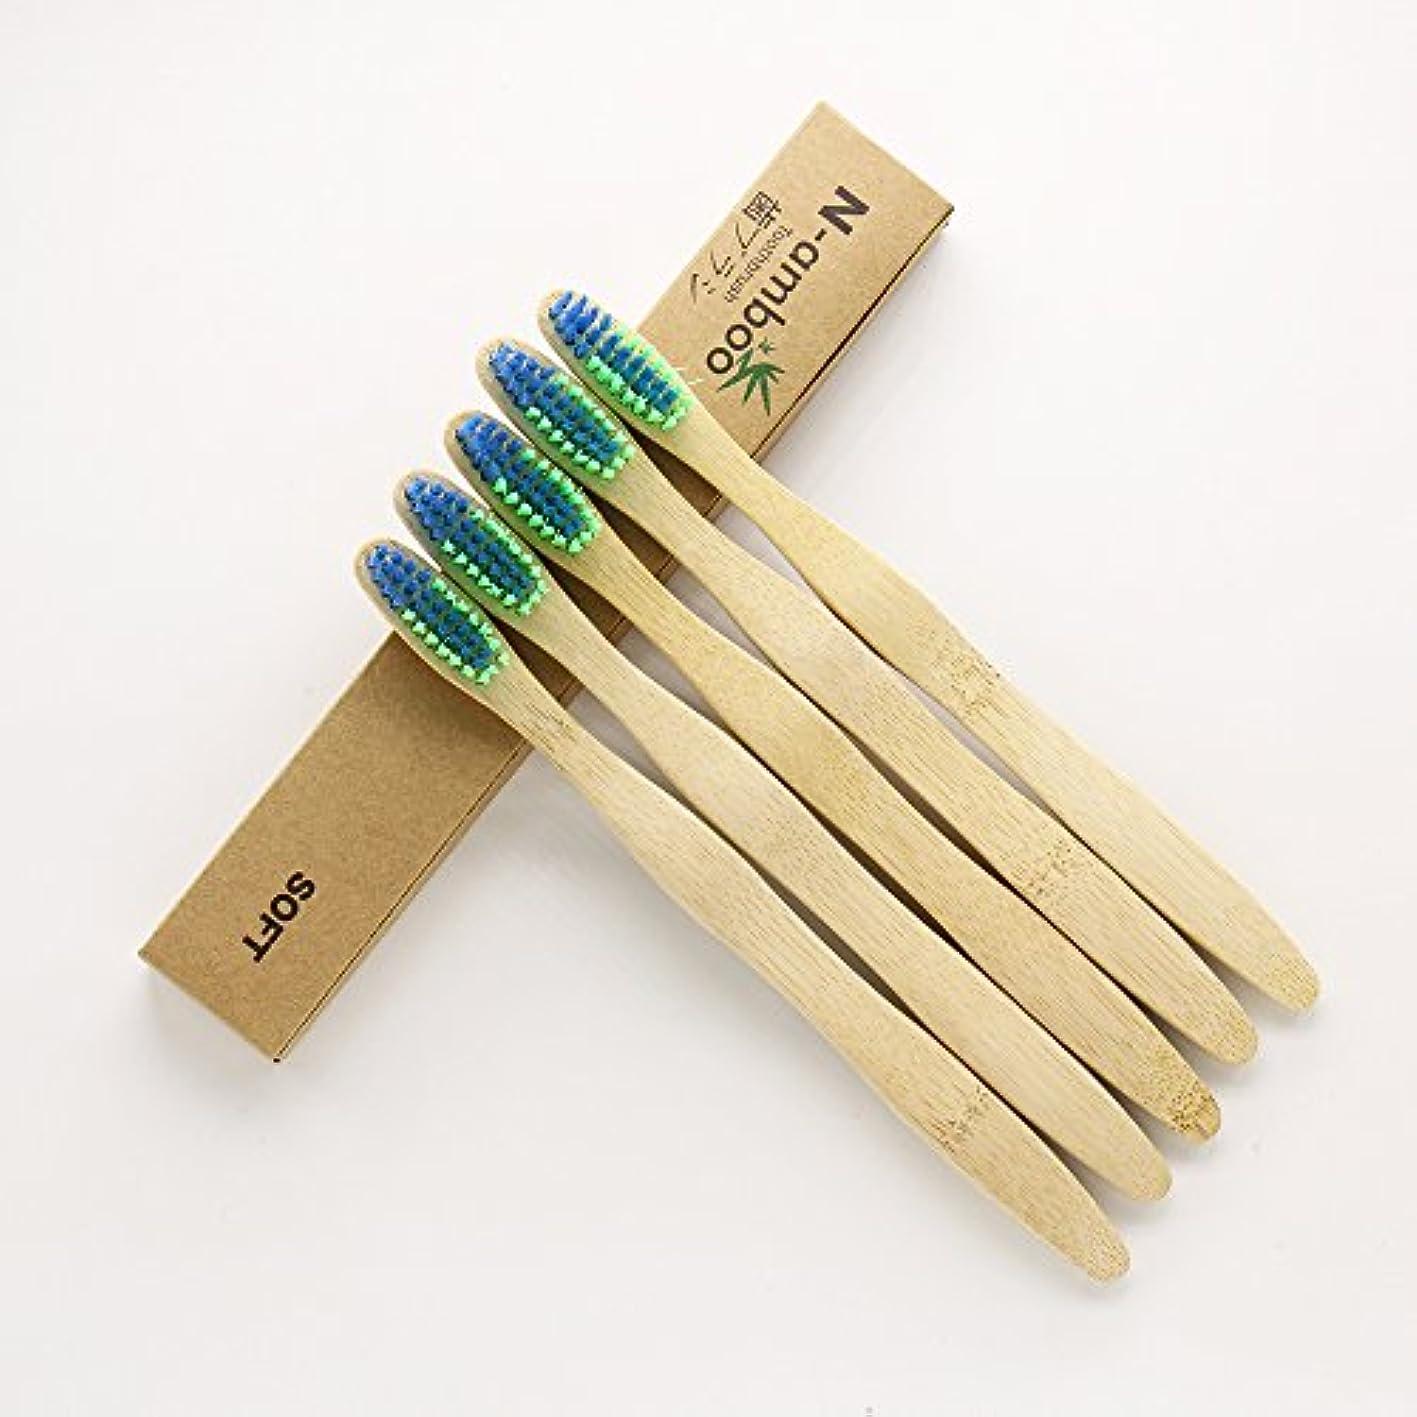 避けるまた明日ね過ちN-amboo 竹製耐久度高い 歯ブラシ 青と緑色 5本入り セット